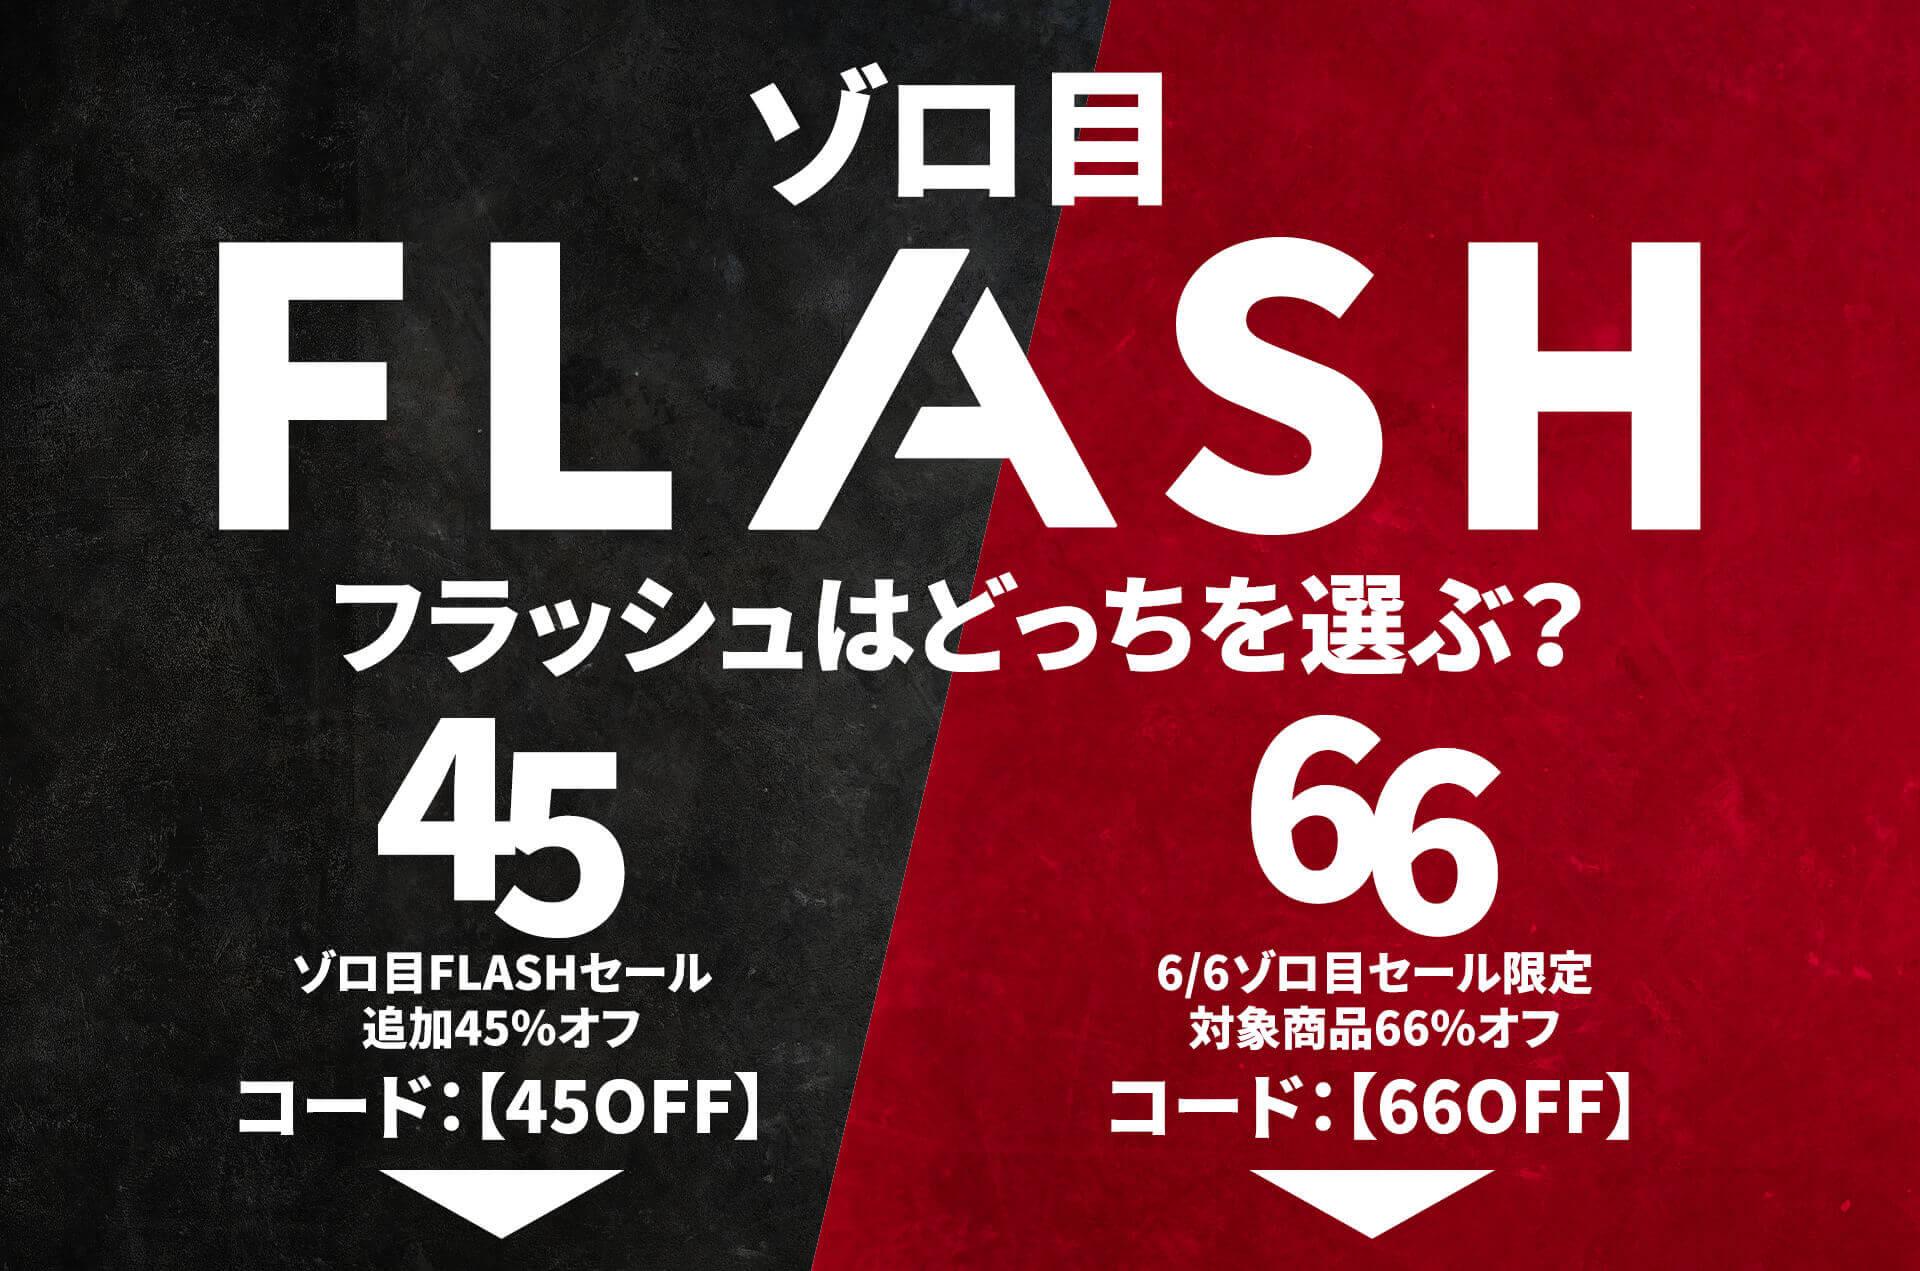 6/6 Zorome FLASH Sale 2020